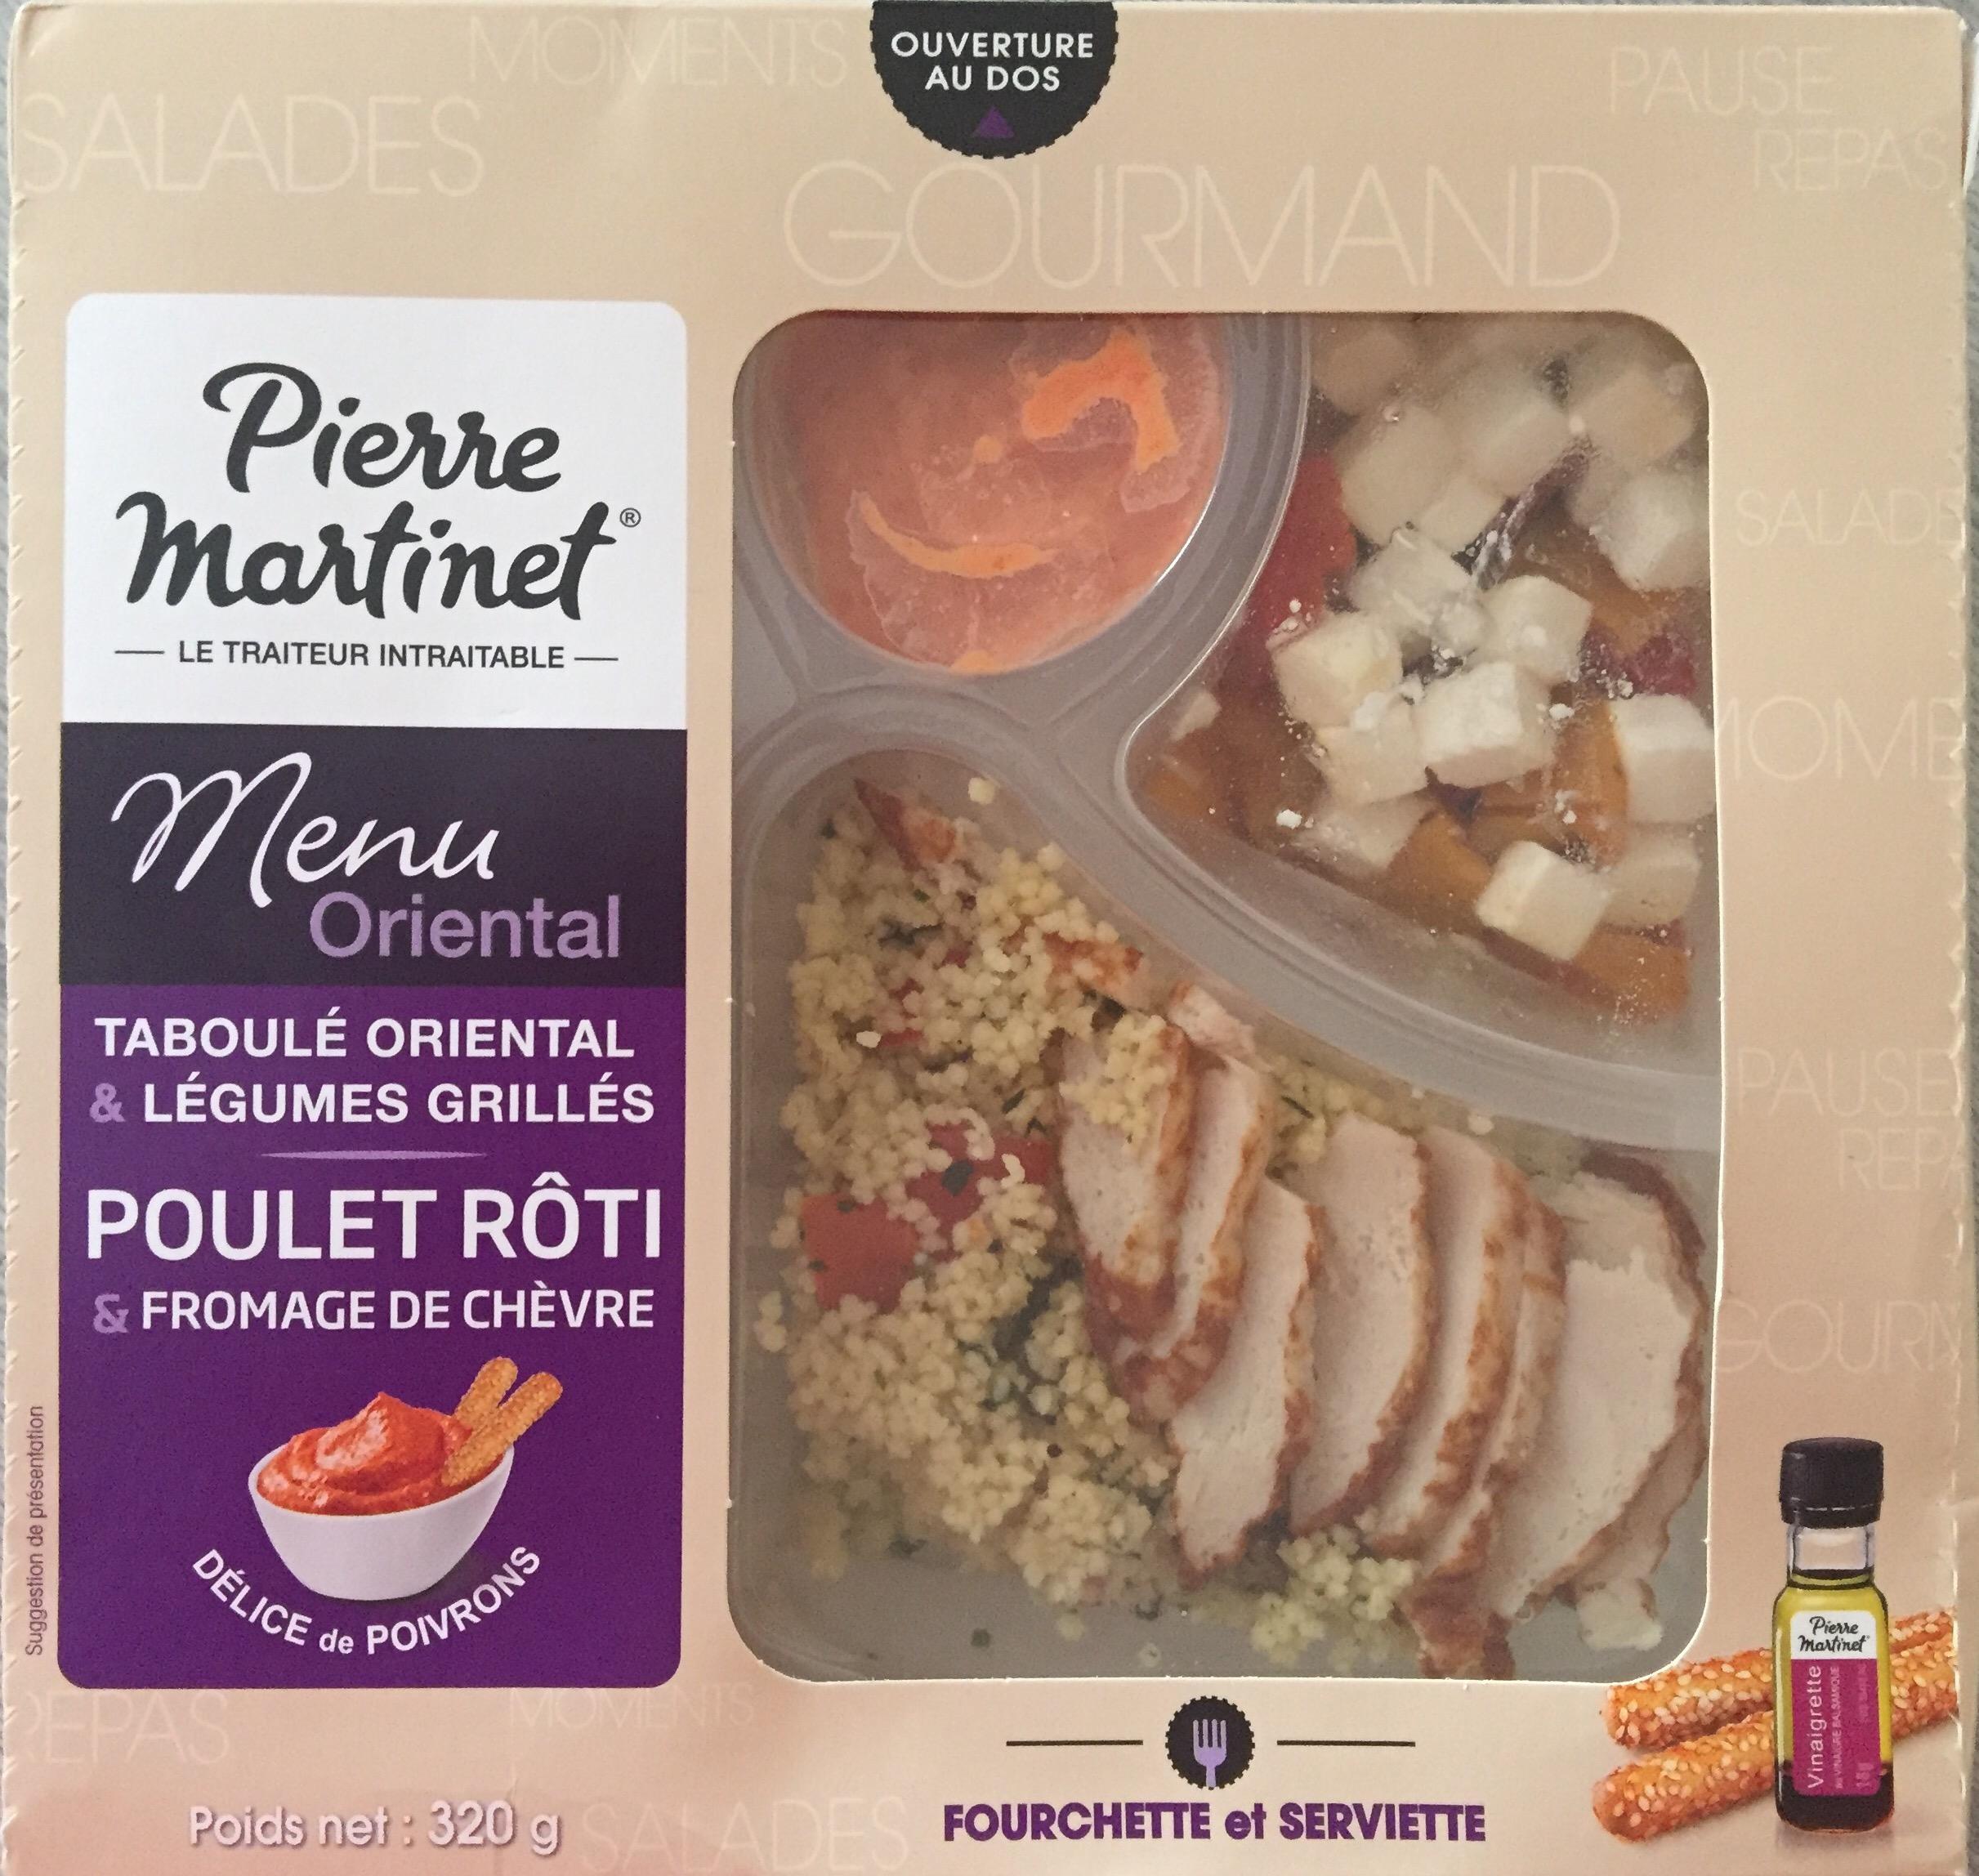 Les tests de TheMouse: le menu oriental Pierre Martinet: taboulé oriental, légumes grillés, poulet rôti, fromage de chèvre et délice de poivrons